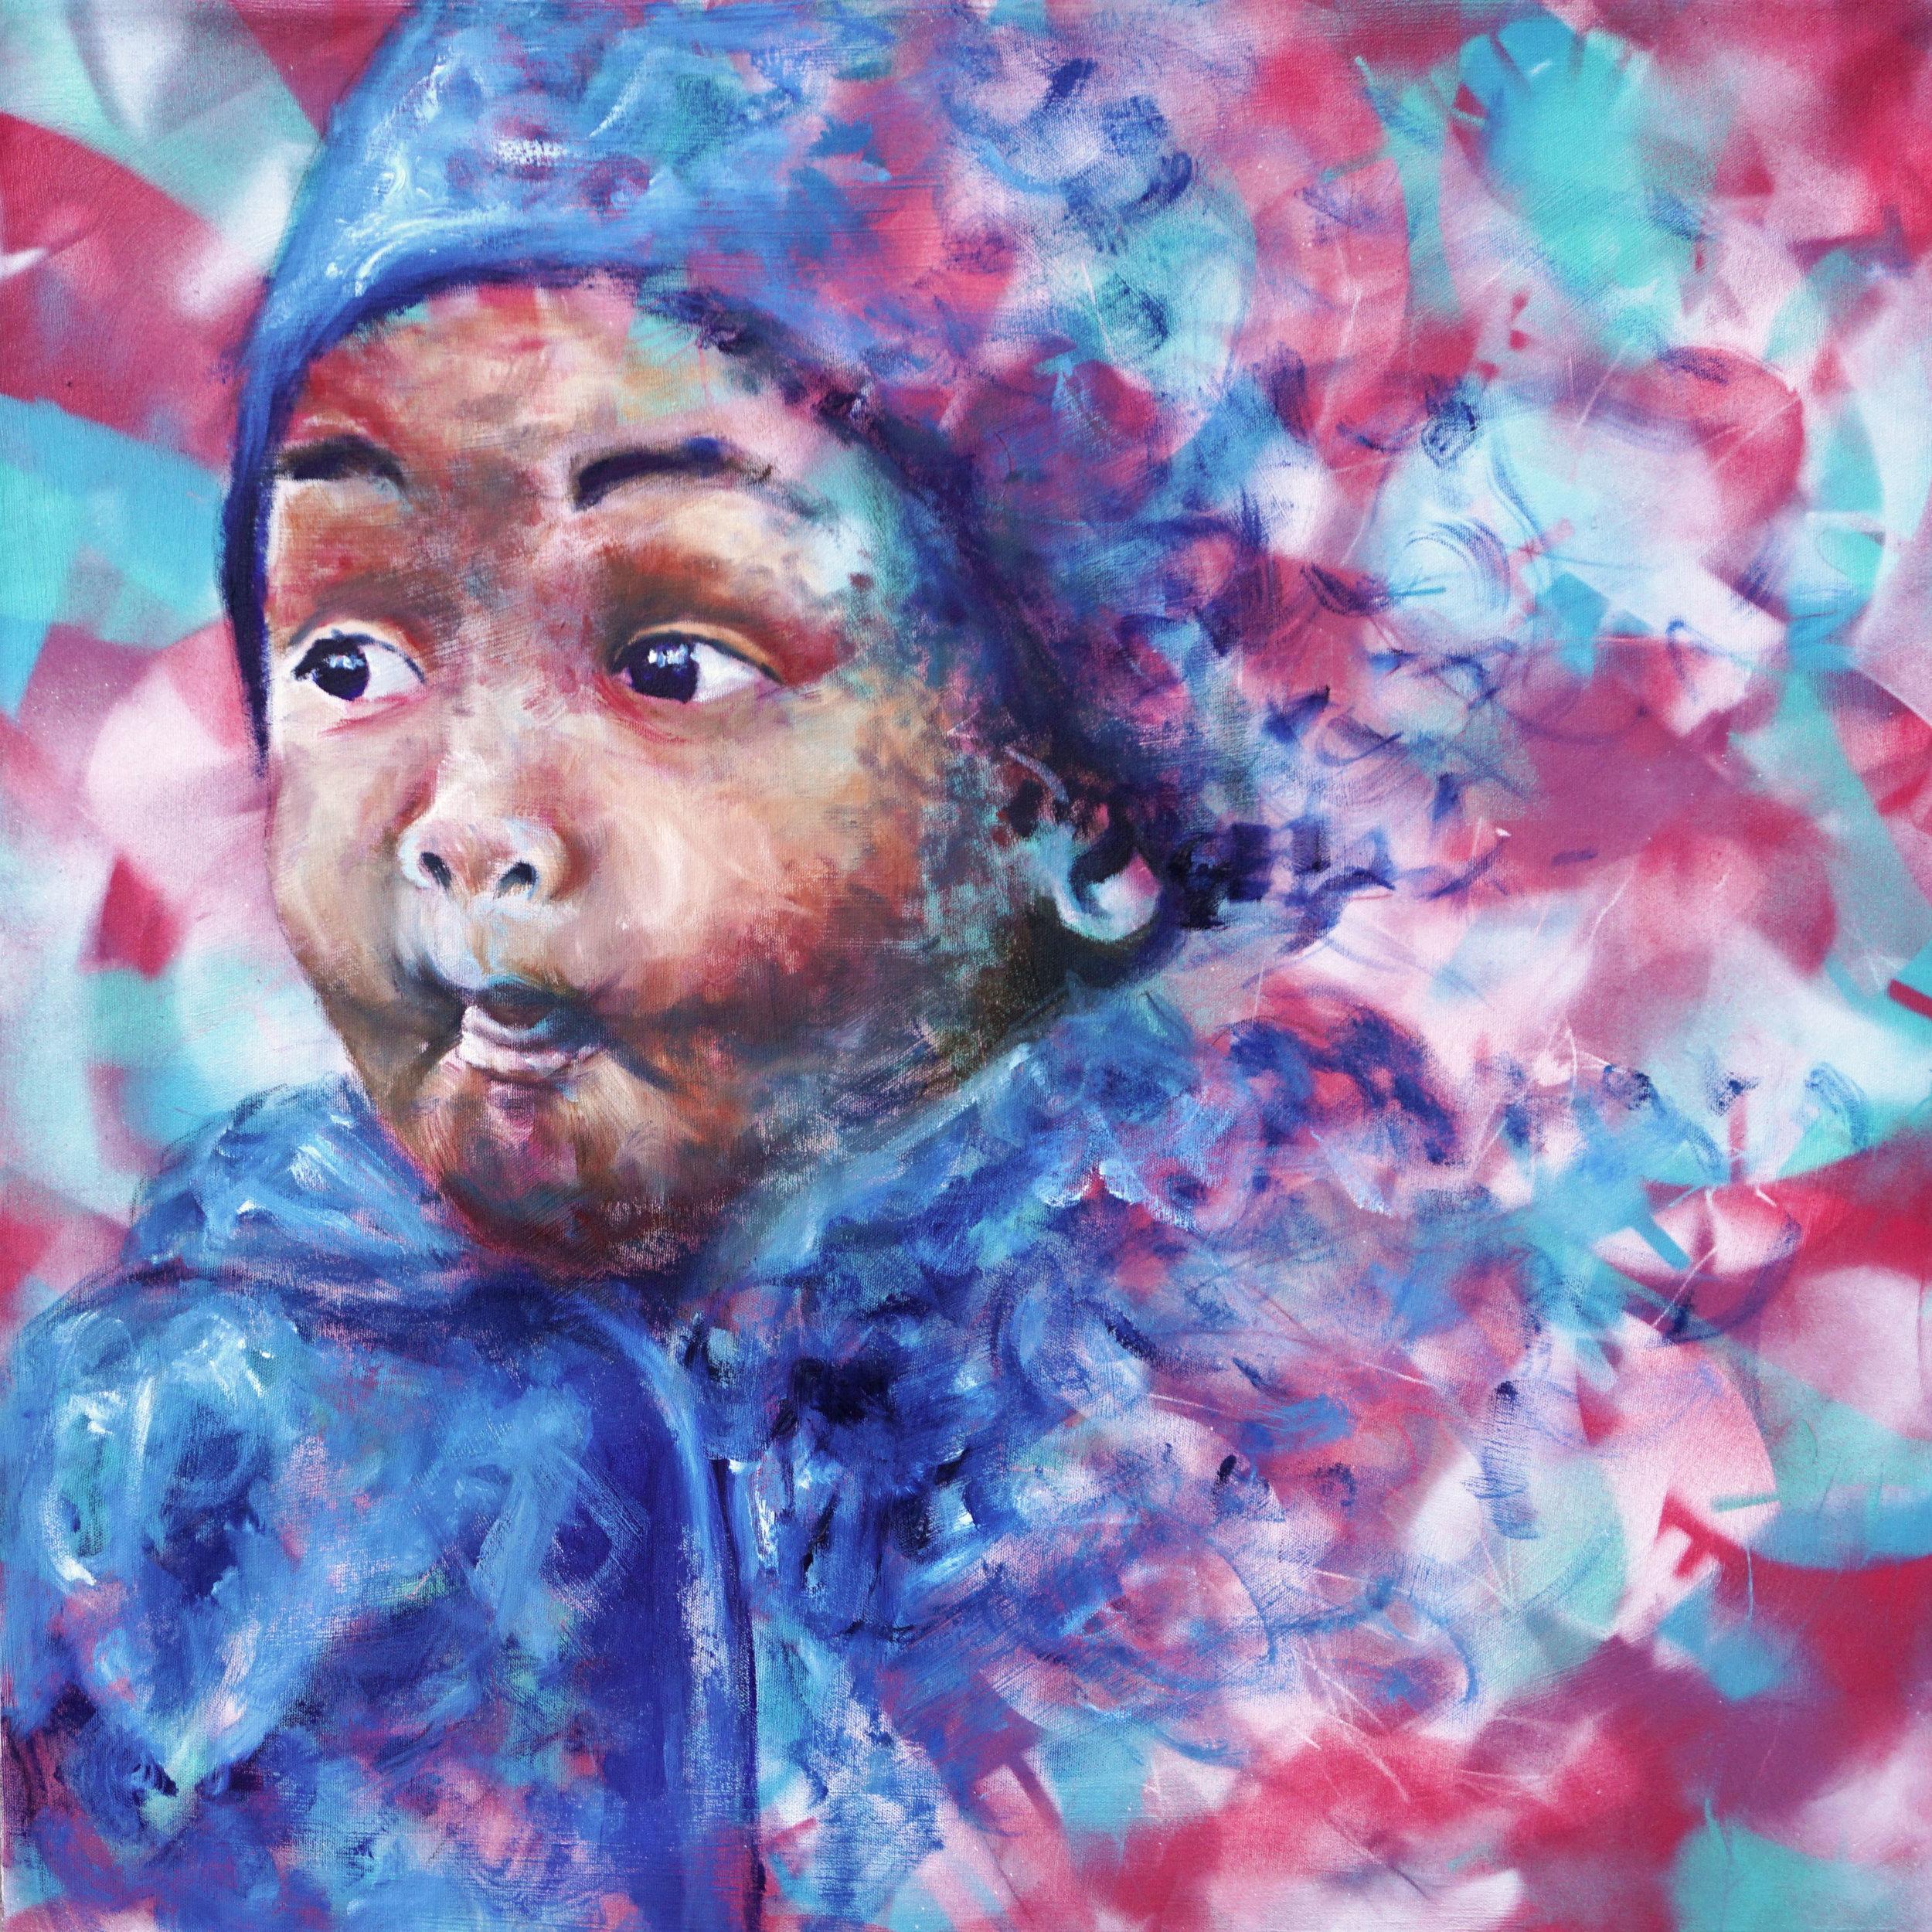 Momentary - Oil, Acrylic Spray ■ 29